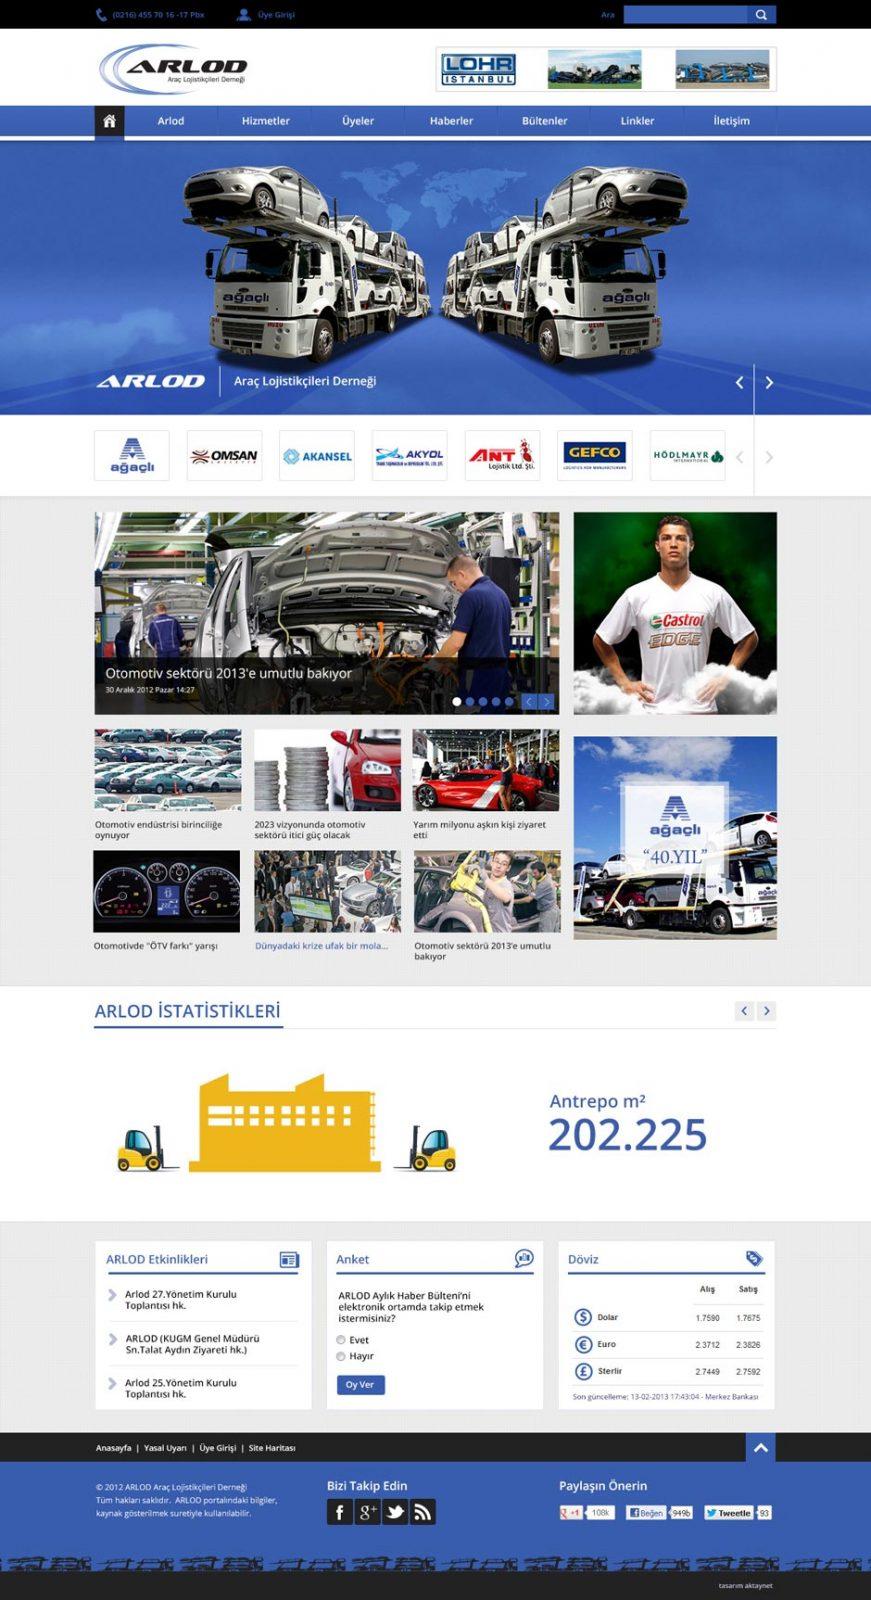 Arlod Responsive Web Sitesi Tasarımı 5